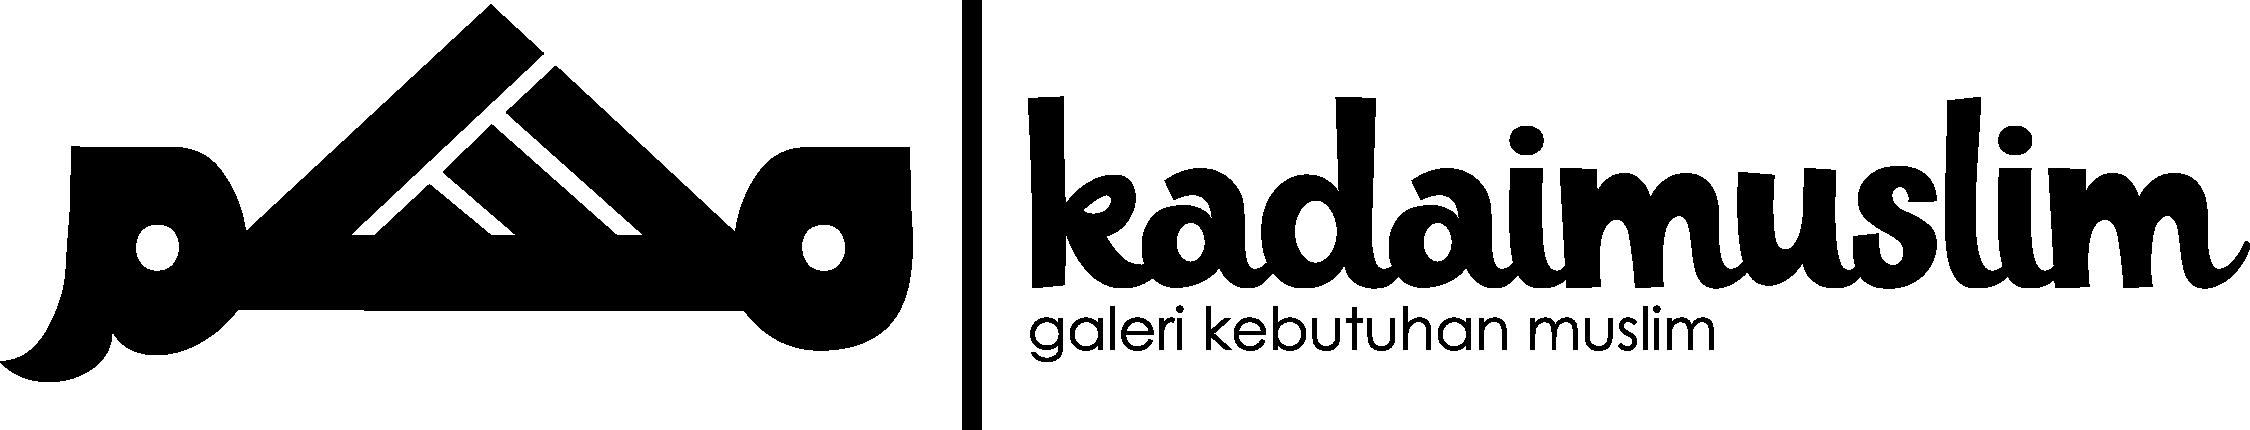 KADAI MUSLIM